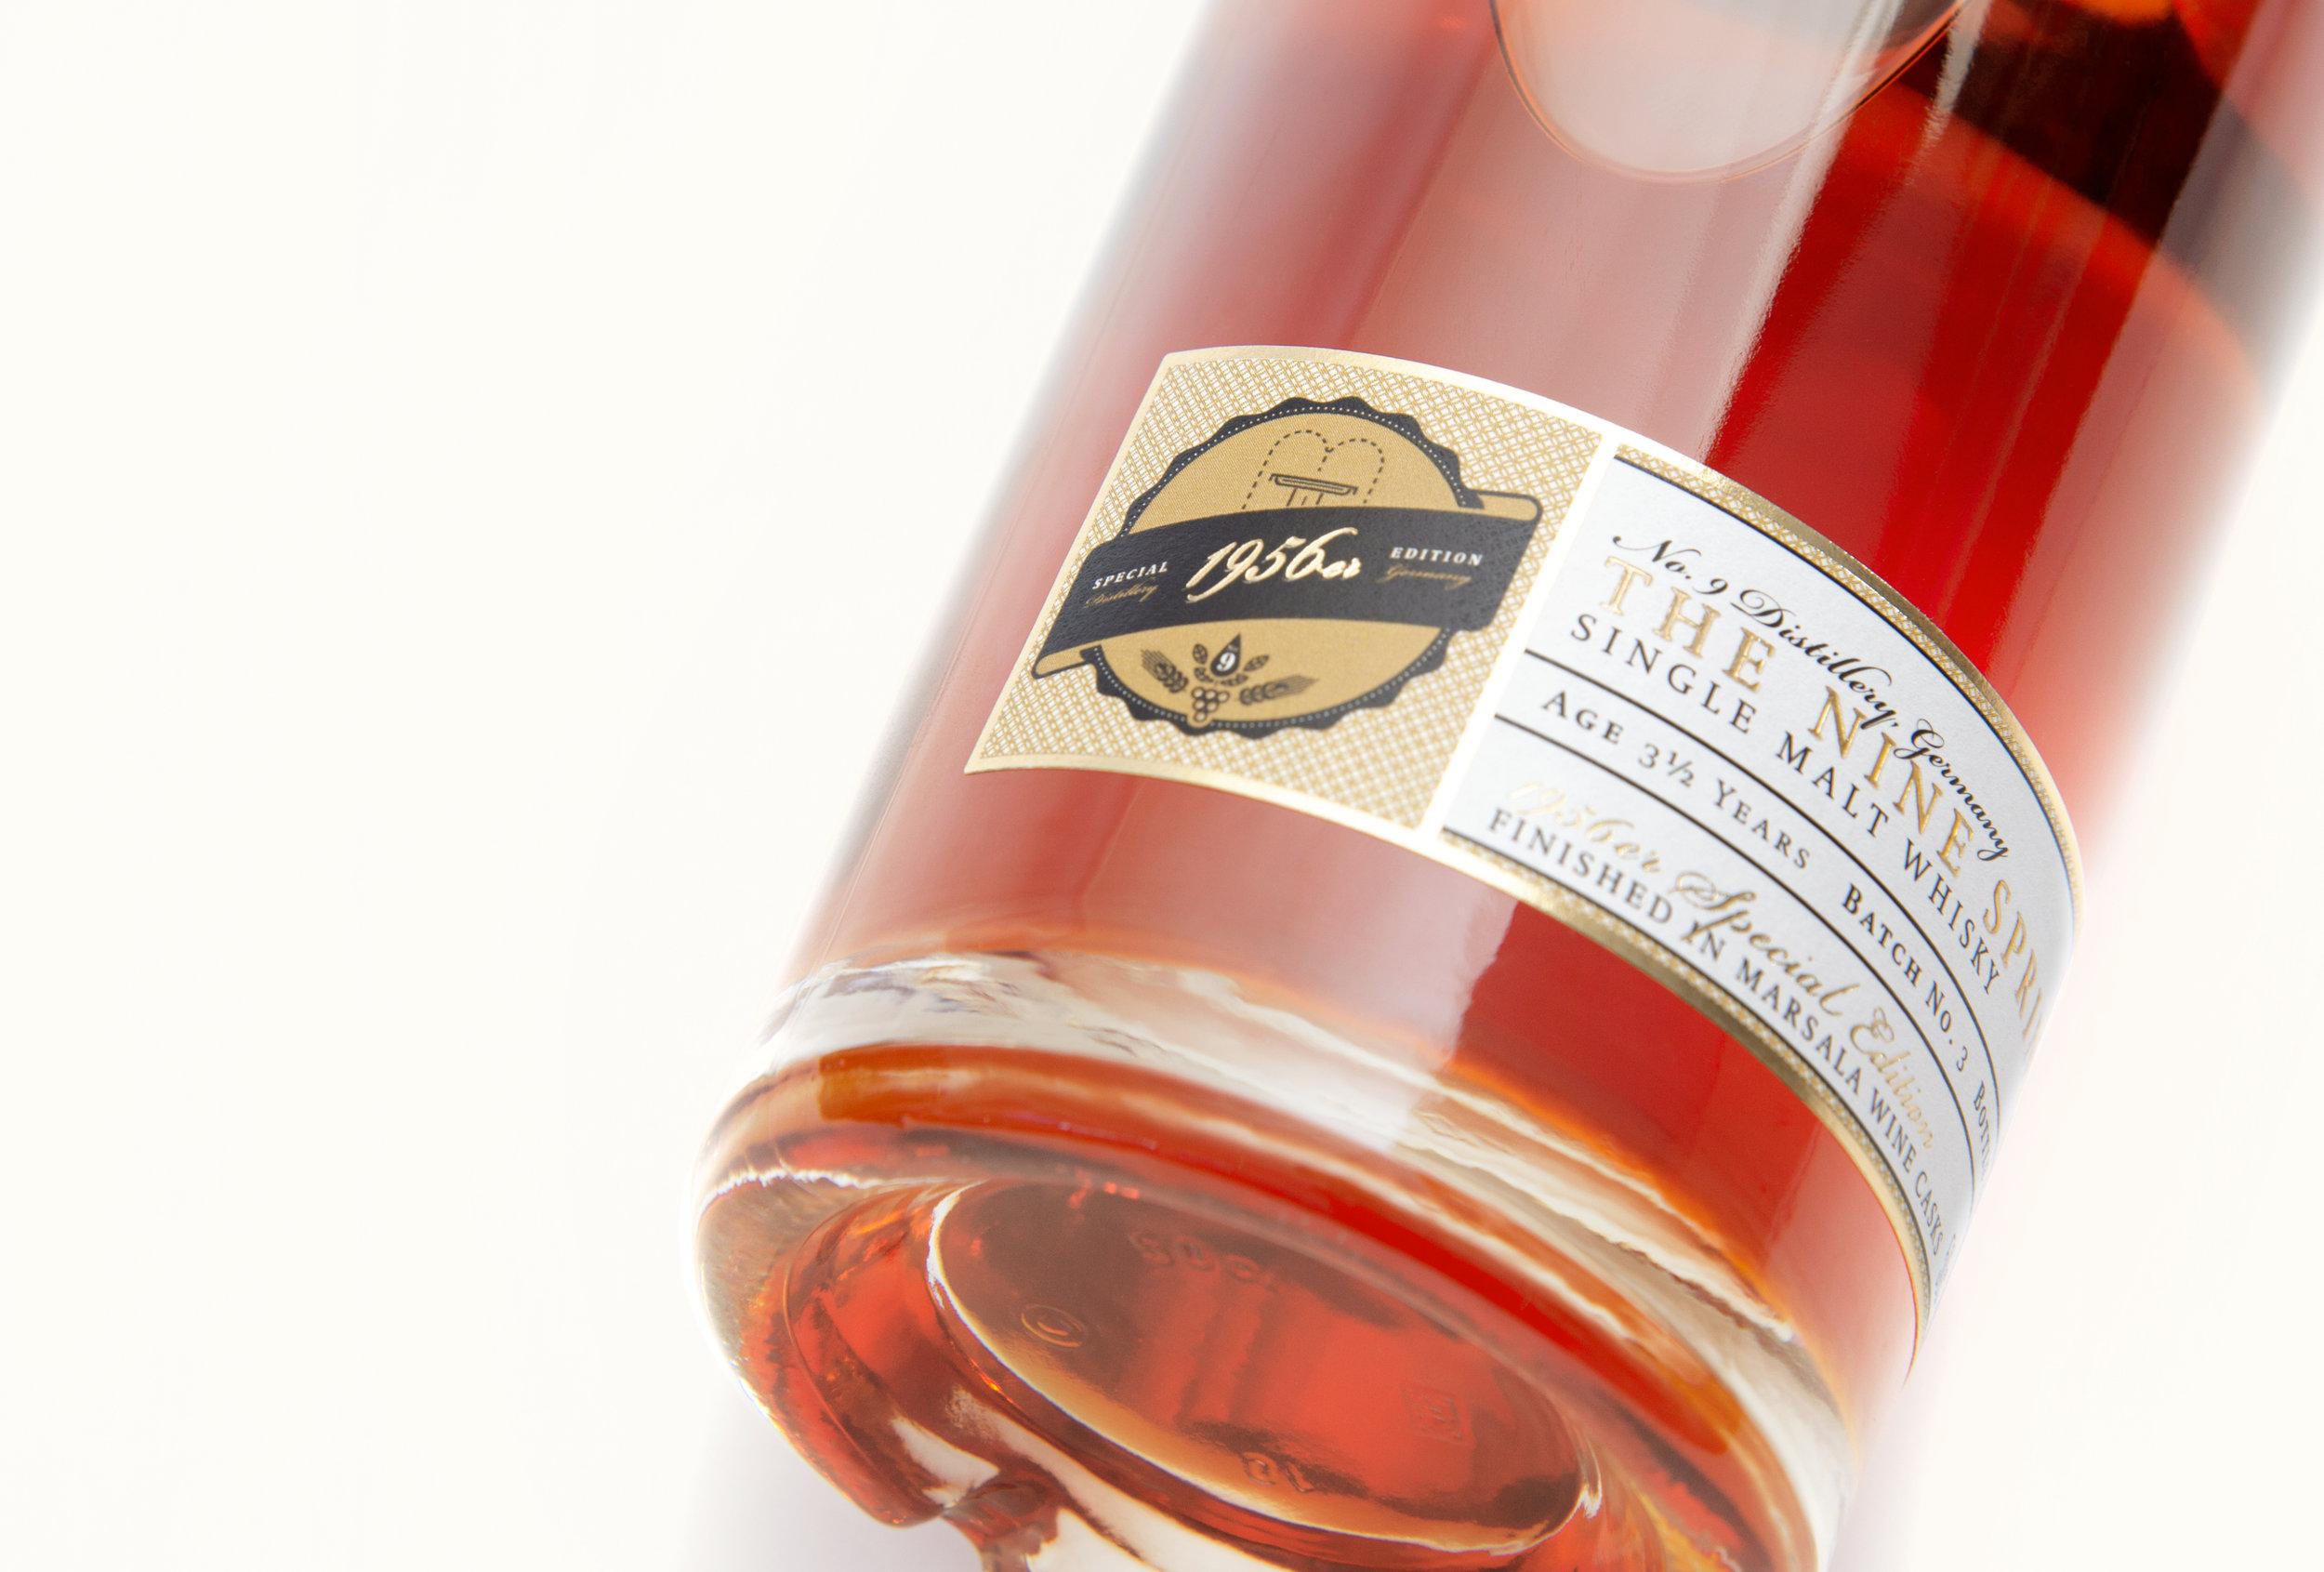 Gestaltung eines Etiketts für einen Single Malt Whisky aus dem Hause No. 9 The Nine Spring aus Leinefelde-Worbis